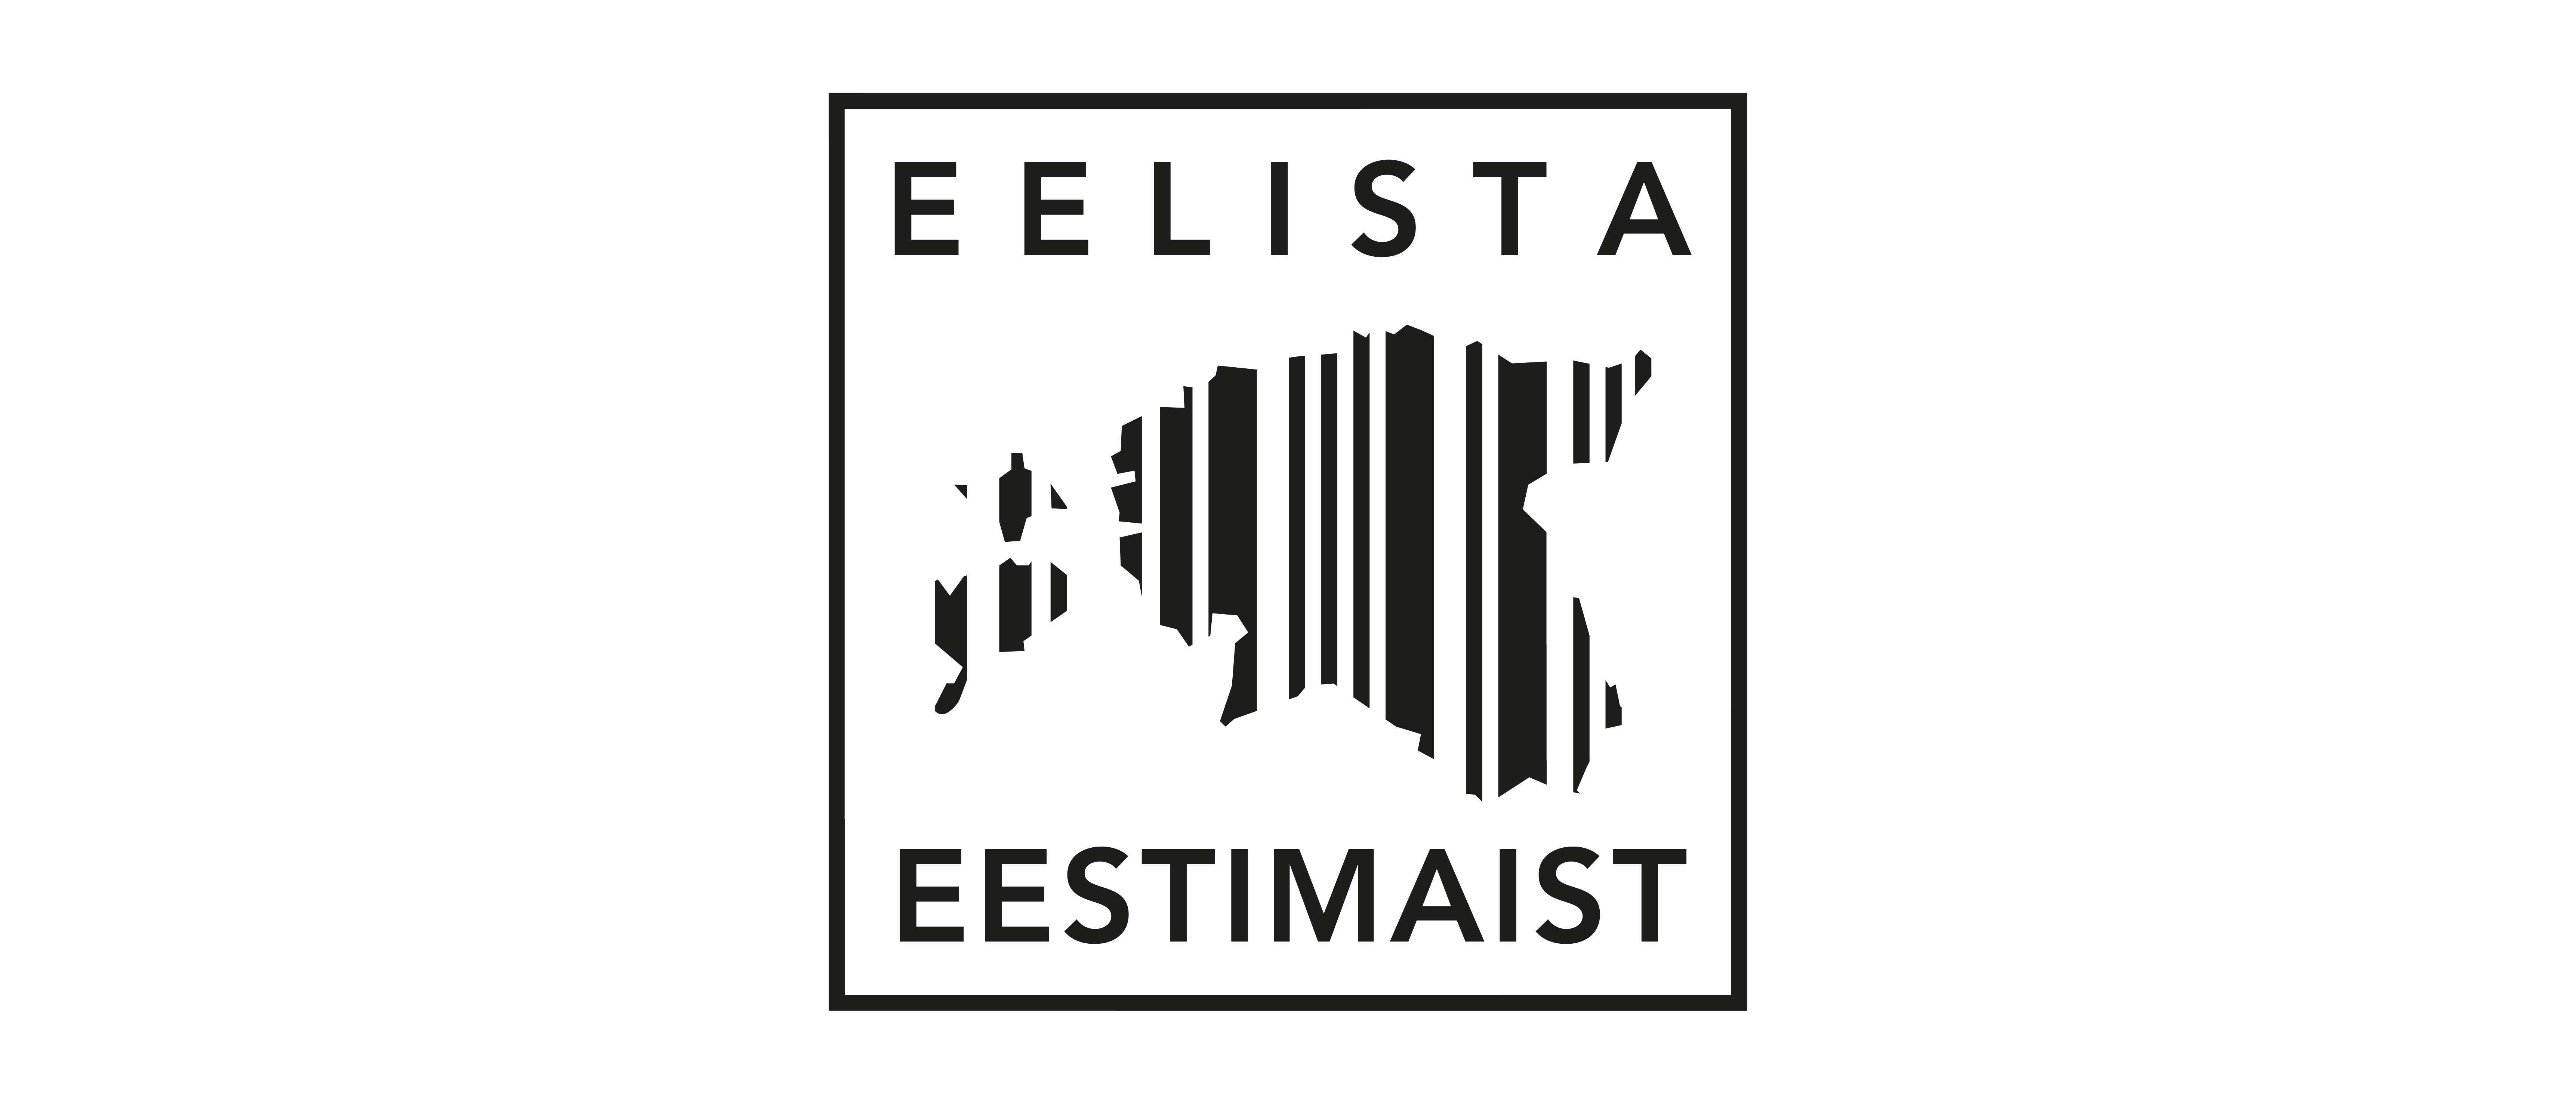 Eelista Eestimaist_mustvalge-01